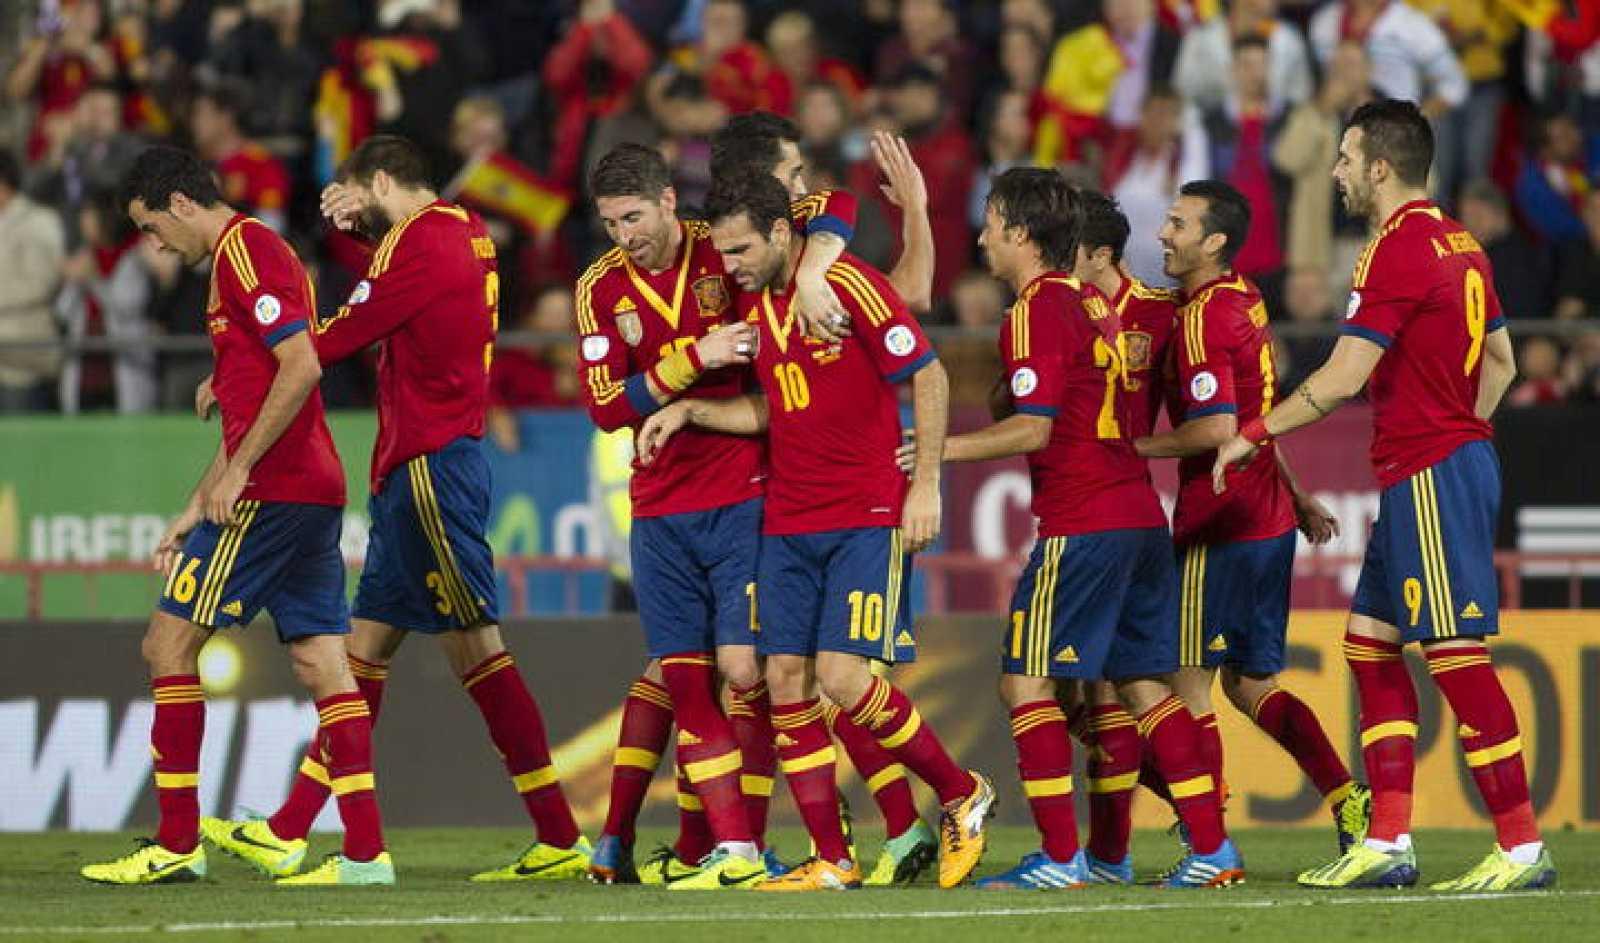 Los jugadores de la selección española celebran el primer gol del equipo, conseguido por Xavi Hernández